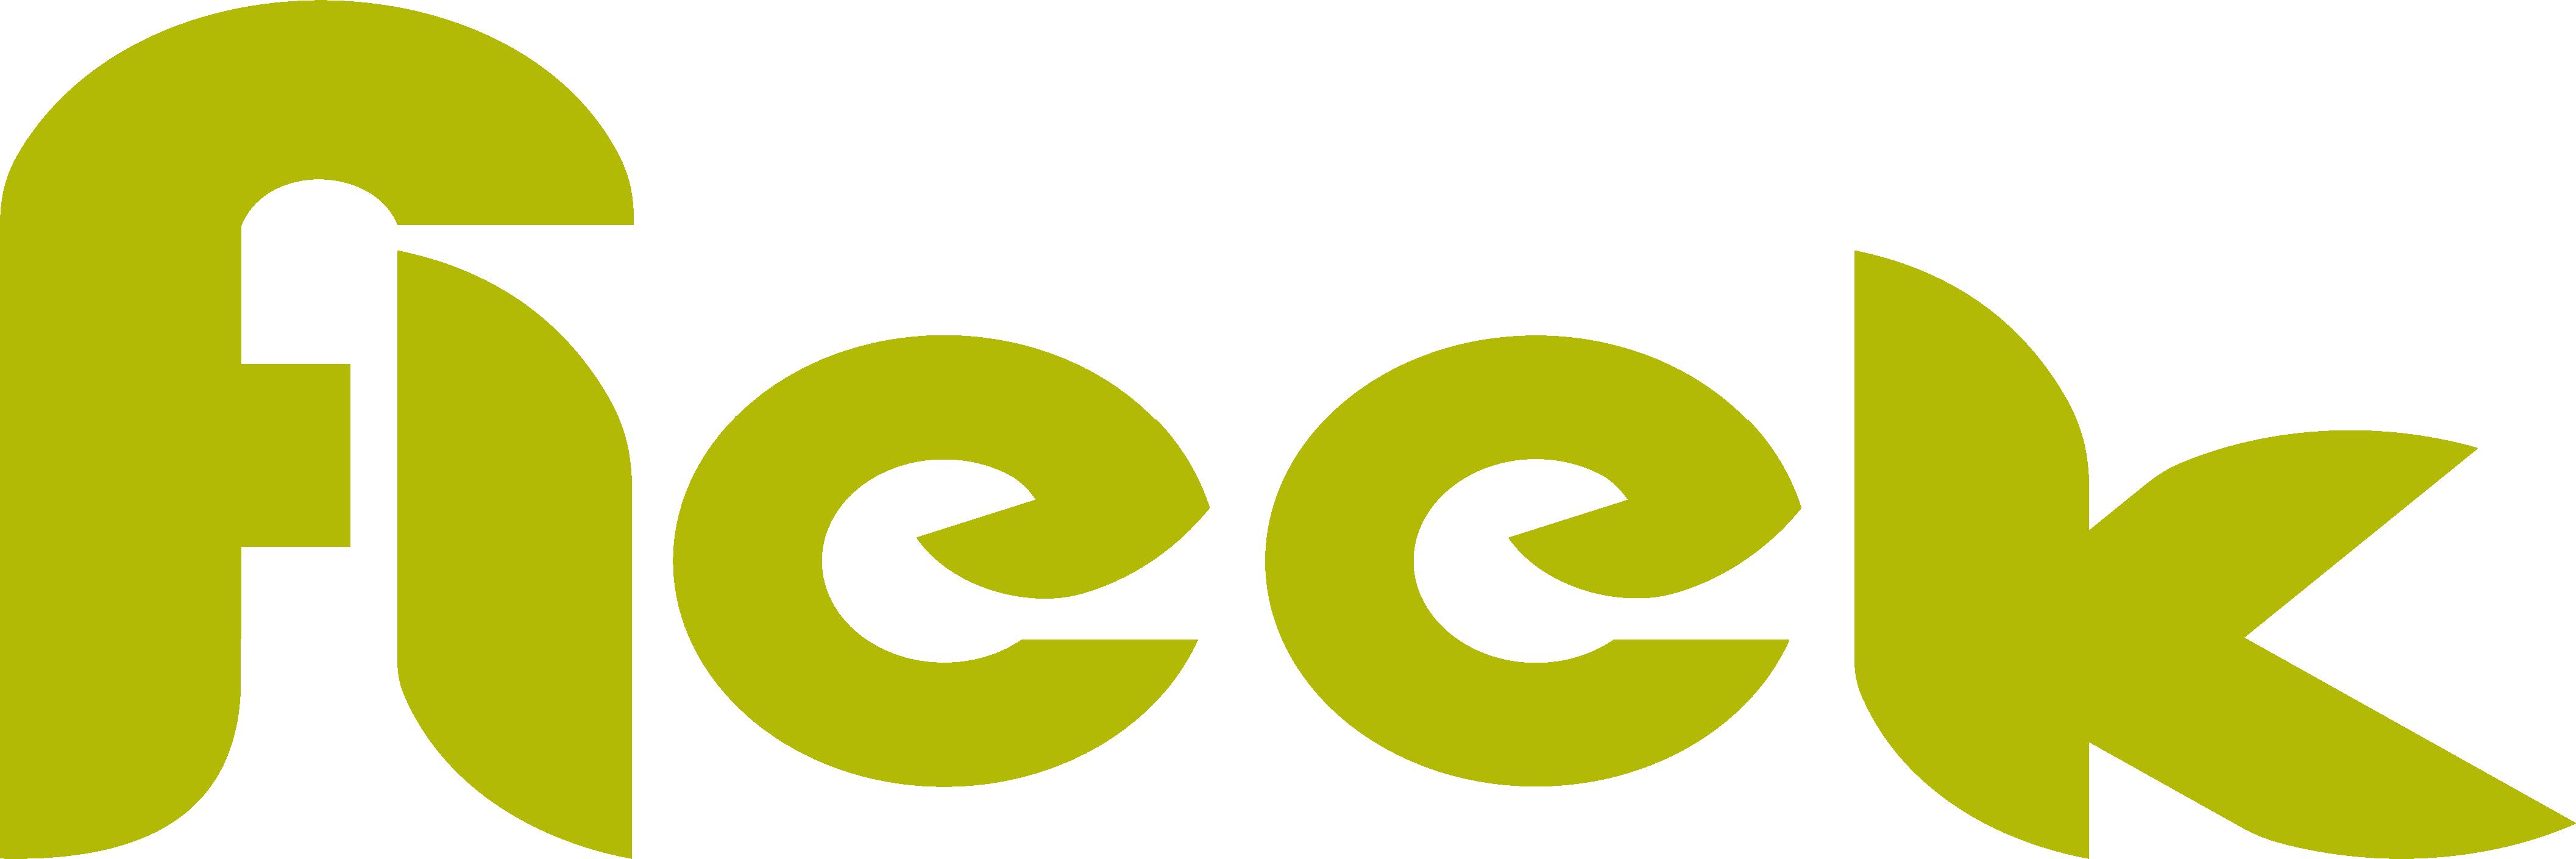 How To Download Fleek For Ios Fleek Help